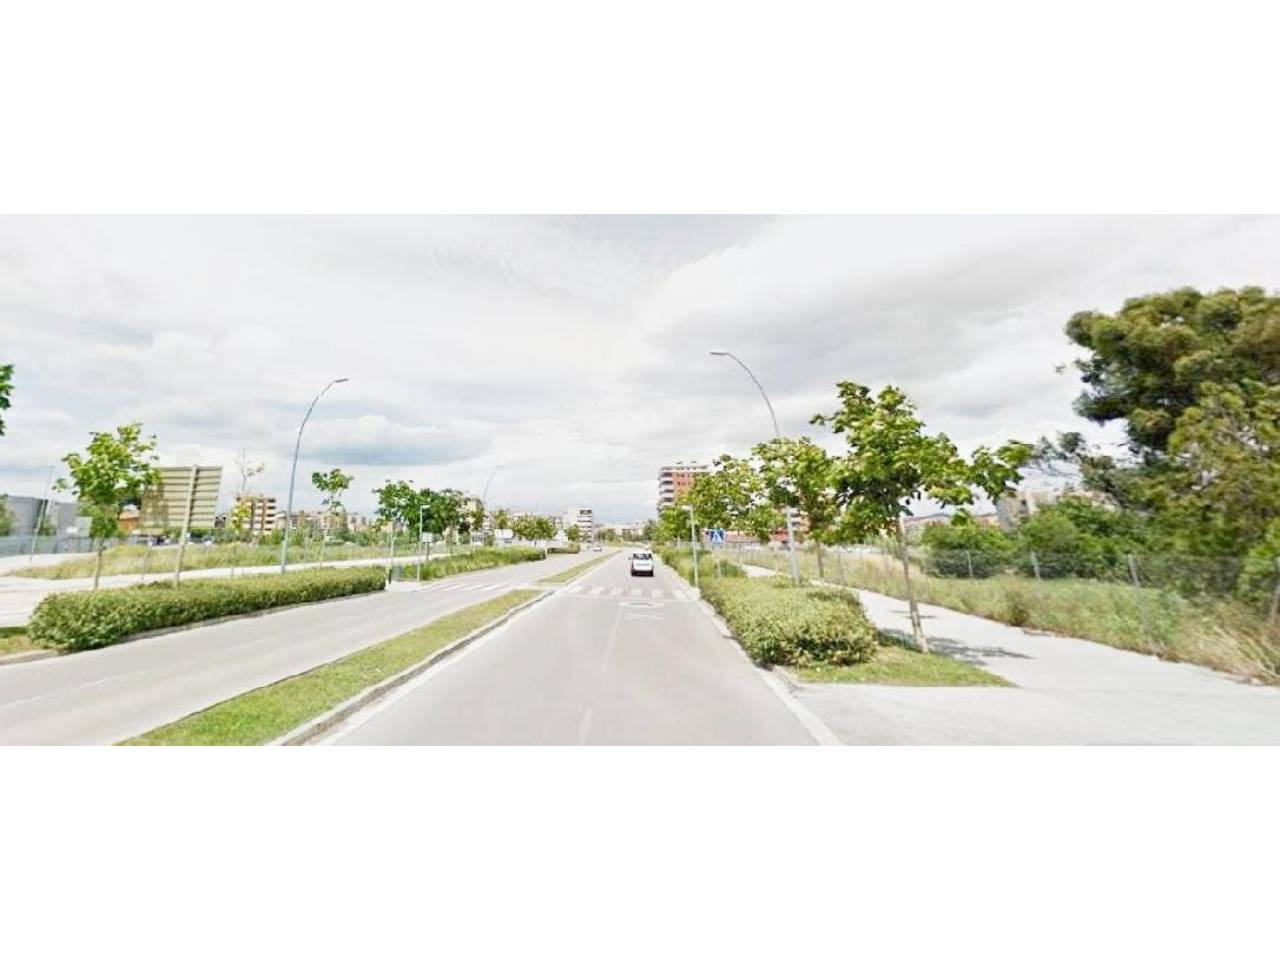 Solar urbano  Calle alfons more. 1191 m² solar, asfaltado, edificable, esquina.